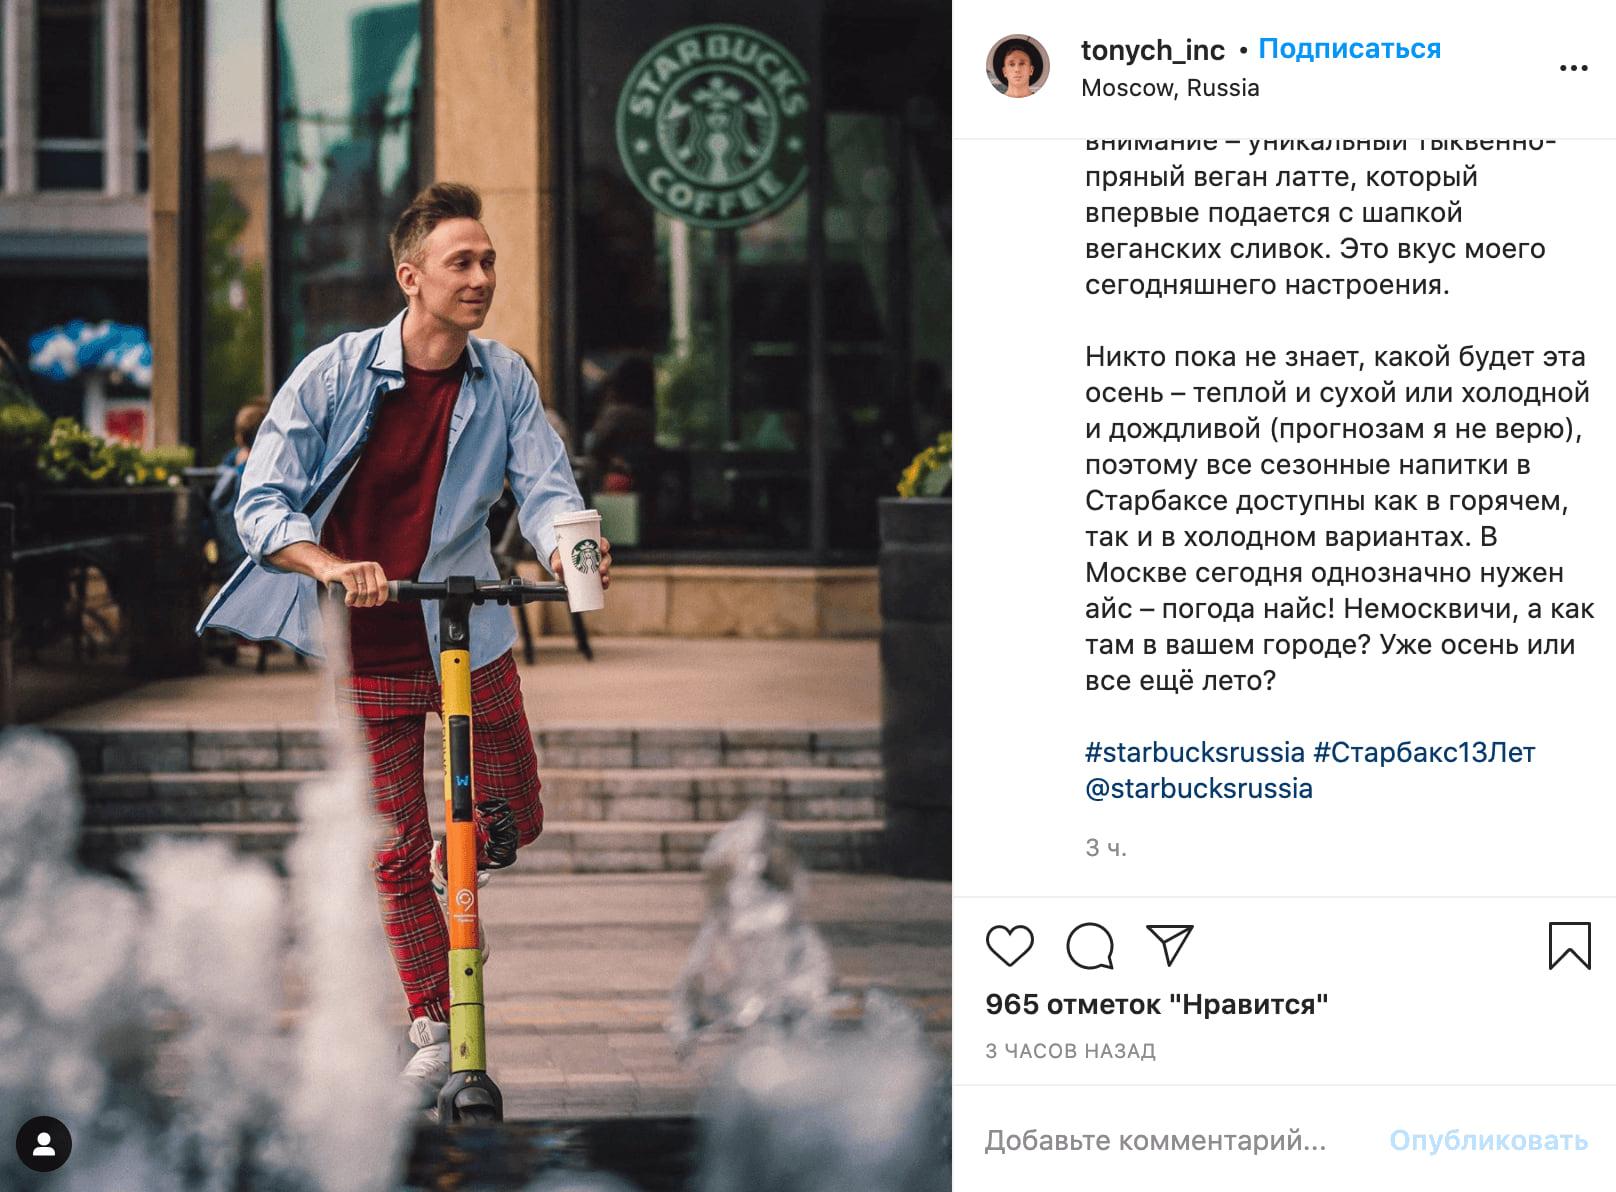 Пример использования брендового хэштега в Instagram